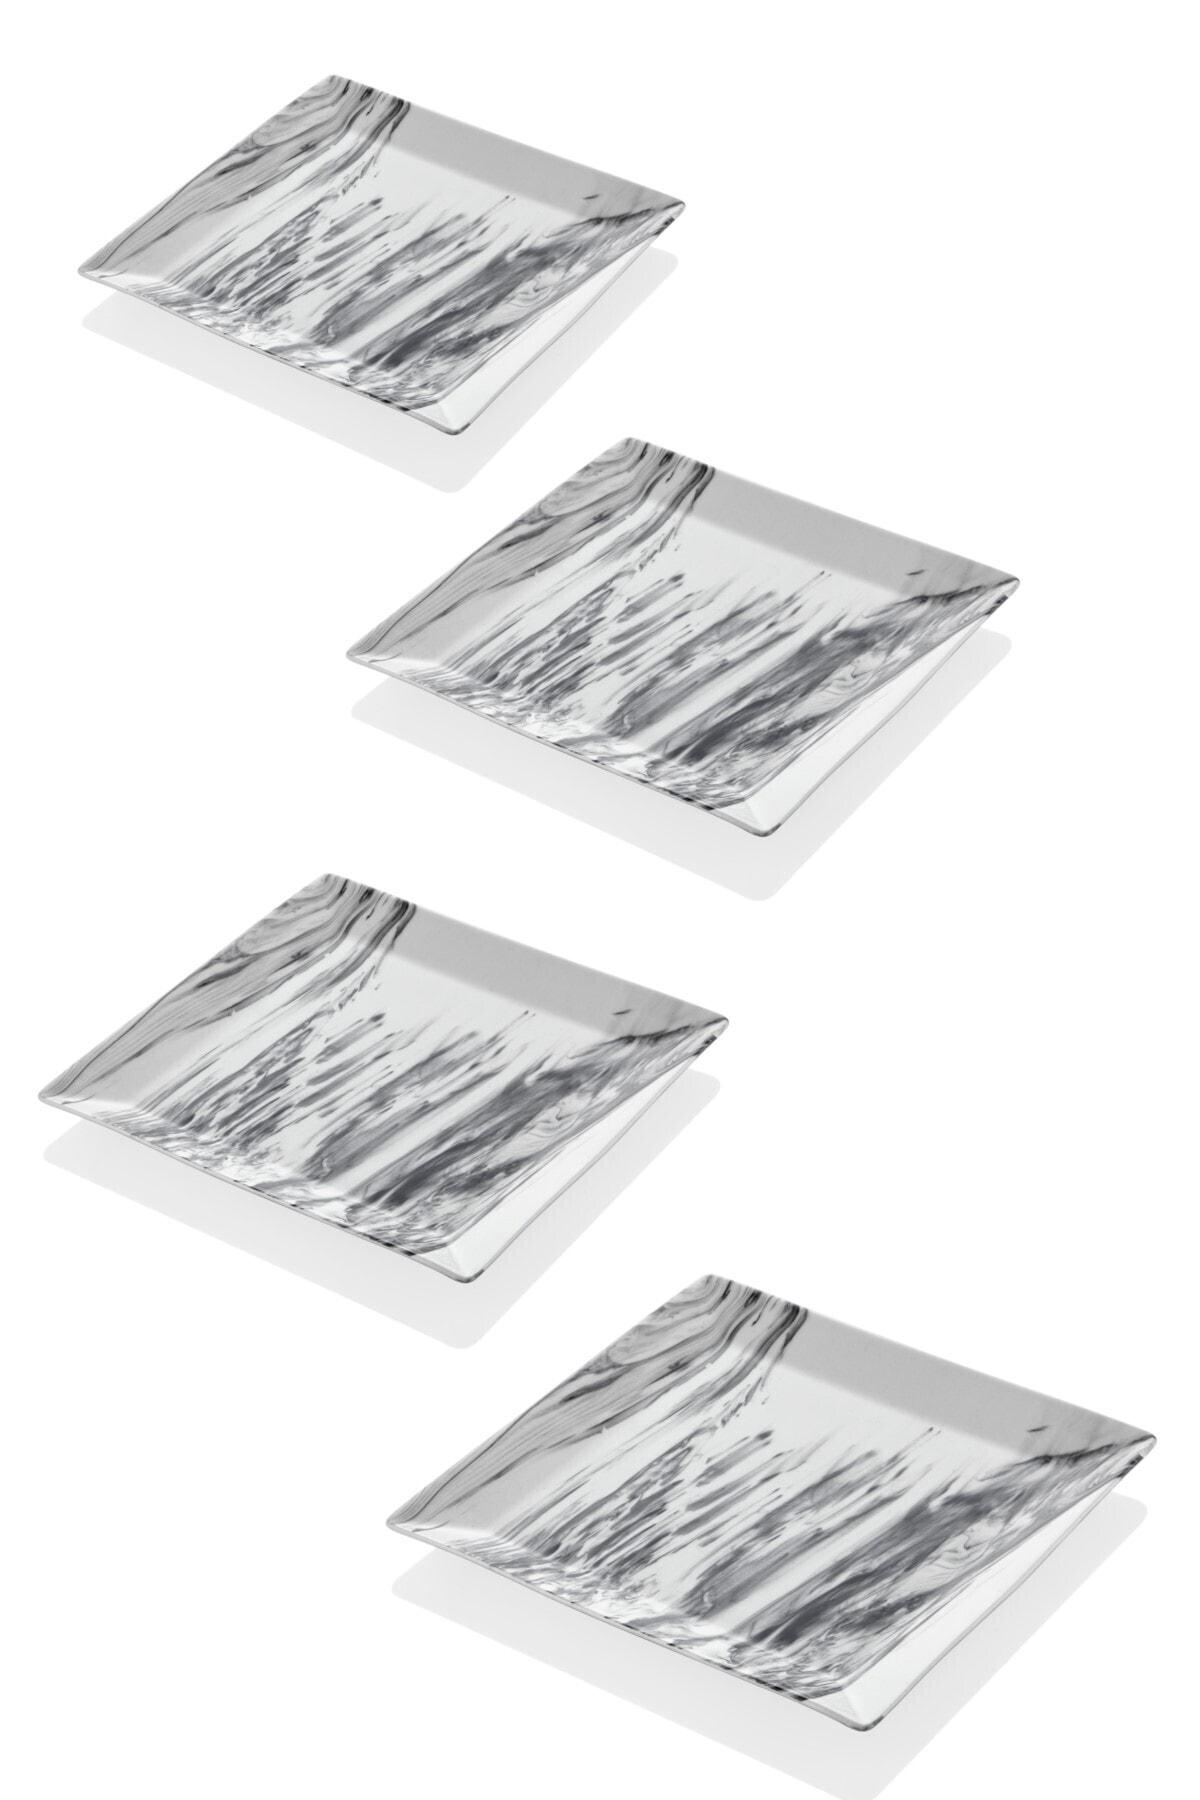 SETABIANCA Mermer Görünümlü 4lü Servis Tabağı 24 Cm 1